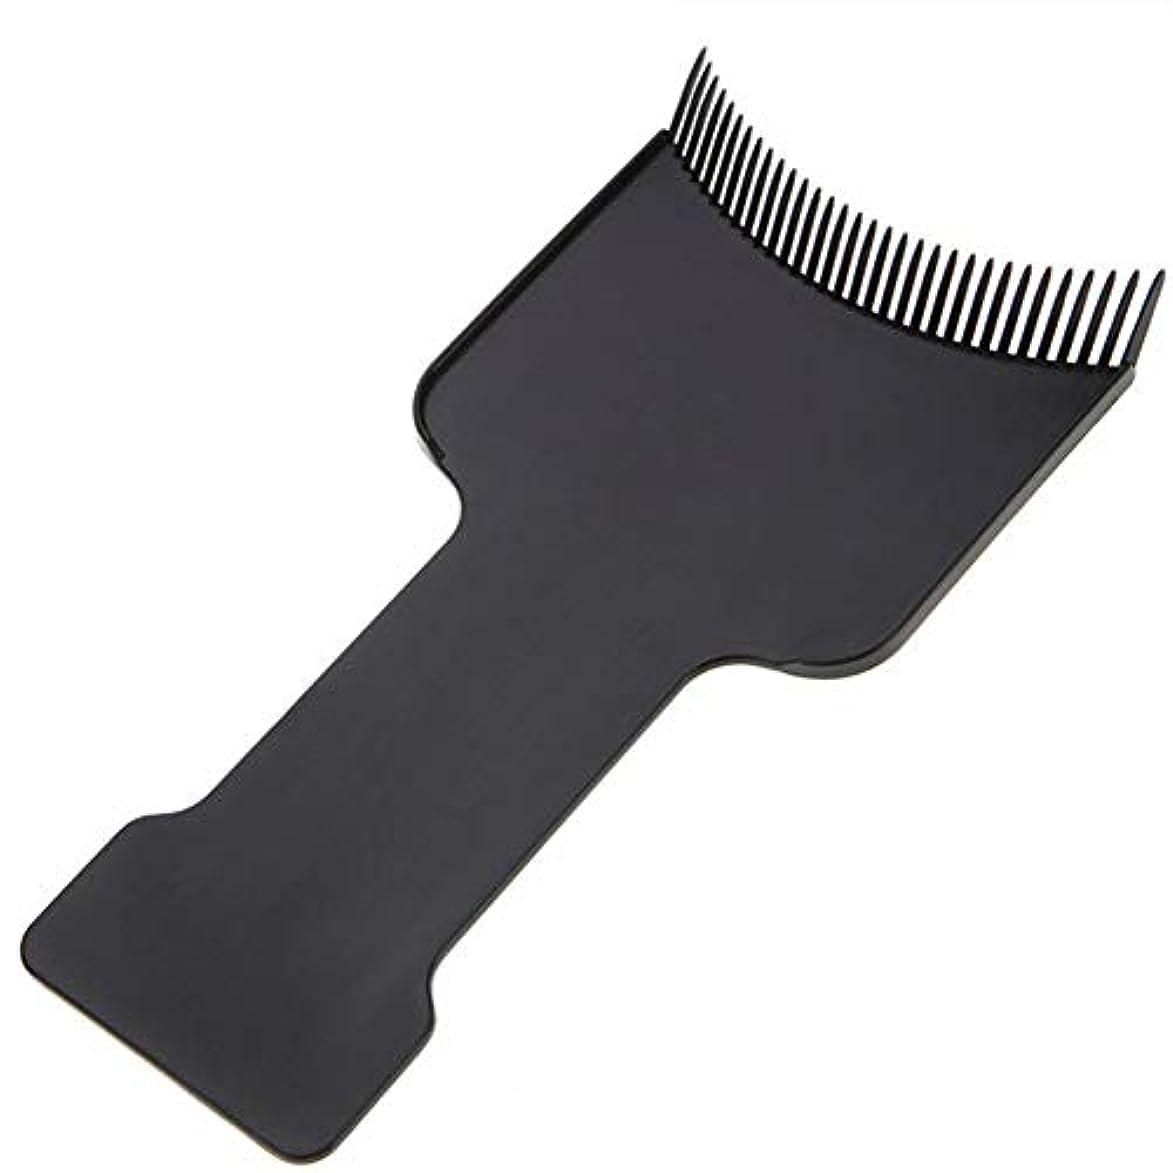 に対応する主張引用Graprx ハイライトボード - ヘアカラー用 黒染め 縮毛矯正 ヘアカラー ヘアスタイリング コーム ヘアダイコーム プレート 美髪師用 プラスチック製 無害無毒 ヘアカラーブラシ